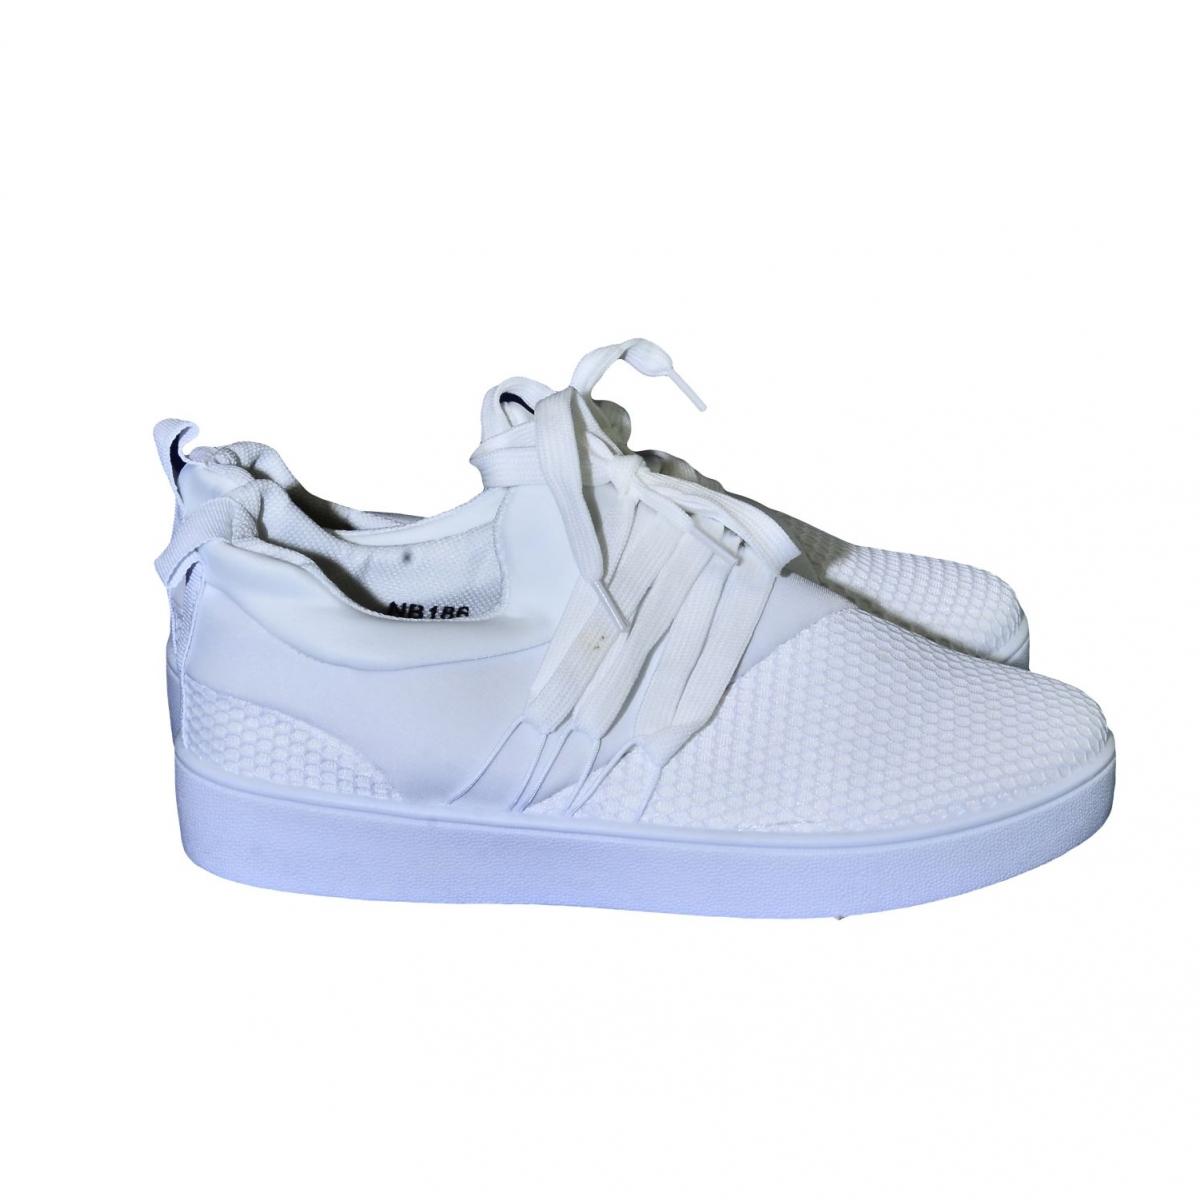 Dámske biele tenisky NABIN - 2 83996ea4921